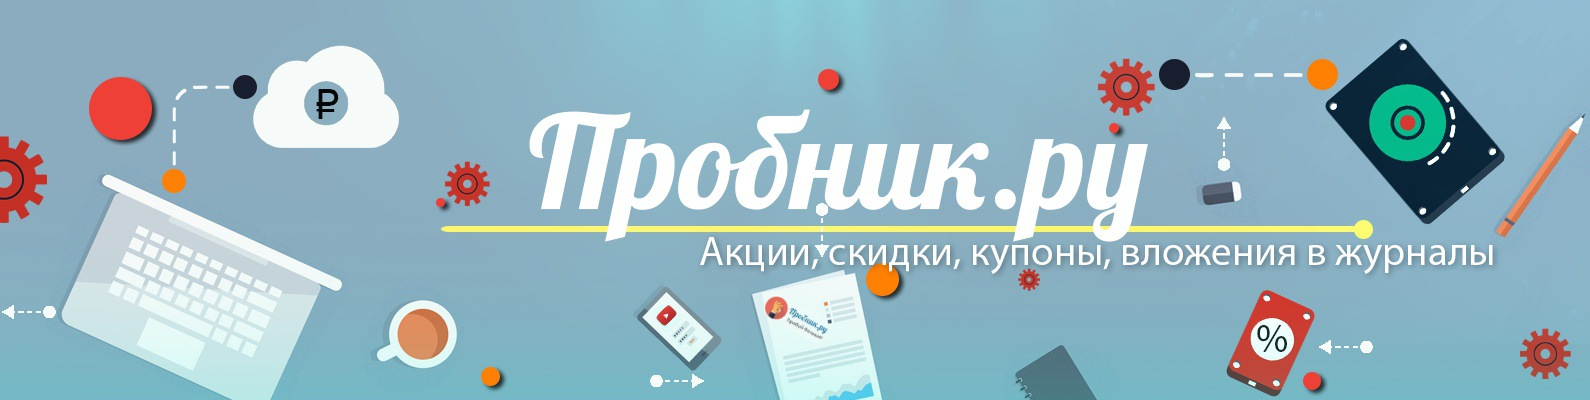 ba7ffaa6a2236 Пробник.ру | Акции, скидки, вложения в журналы | ВКонтакте